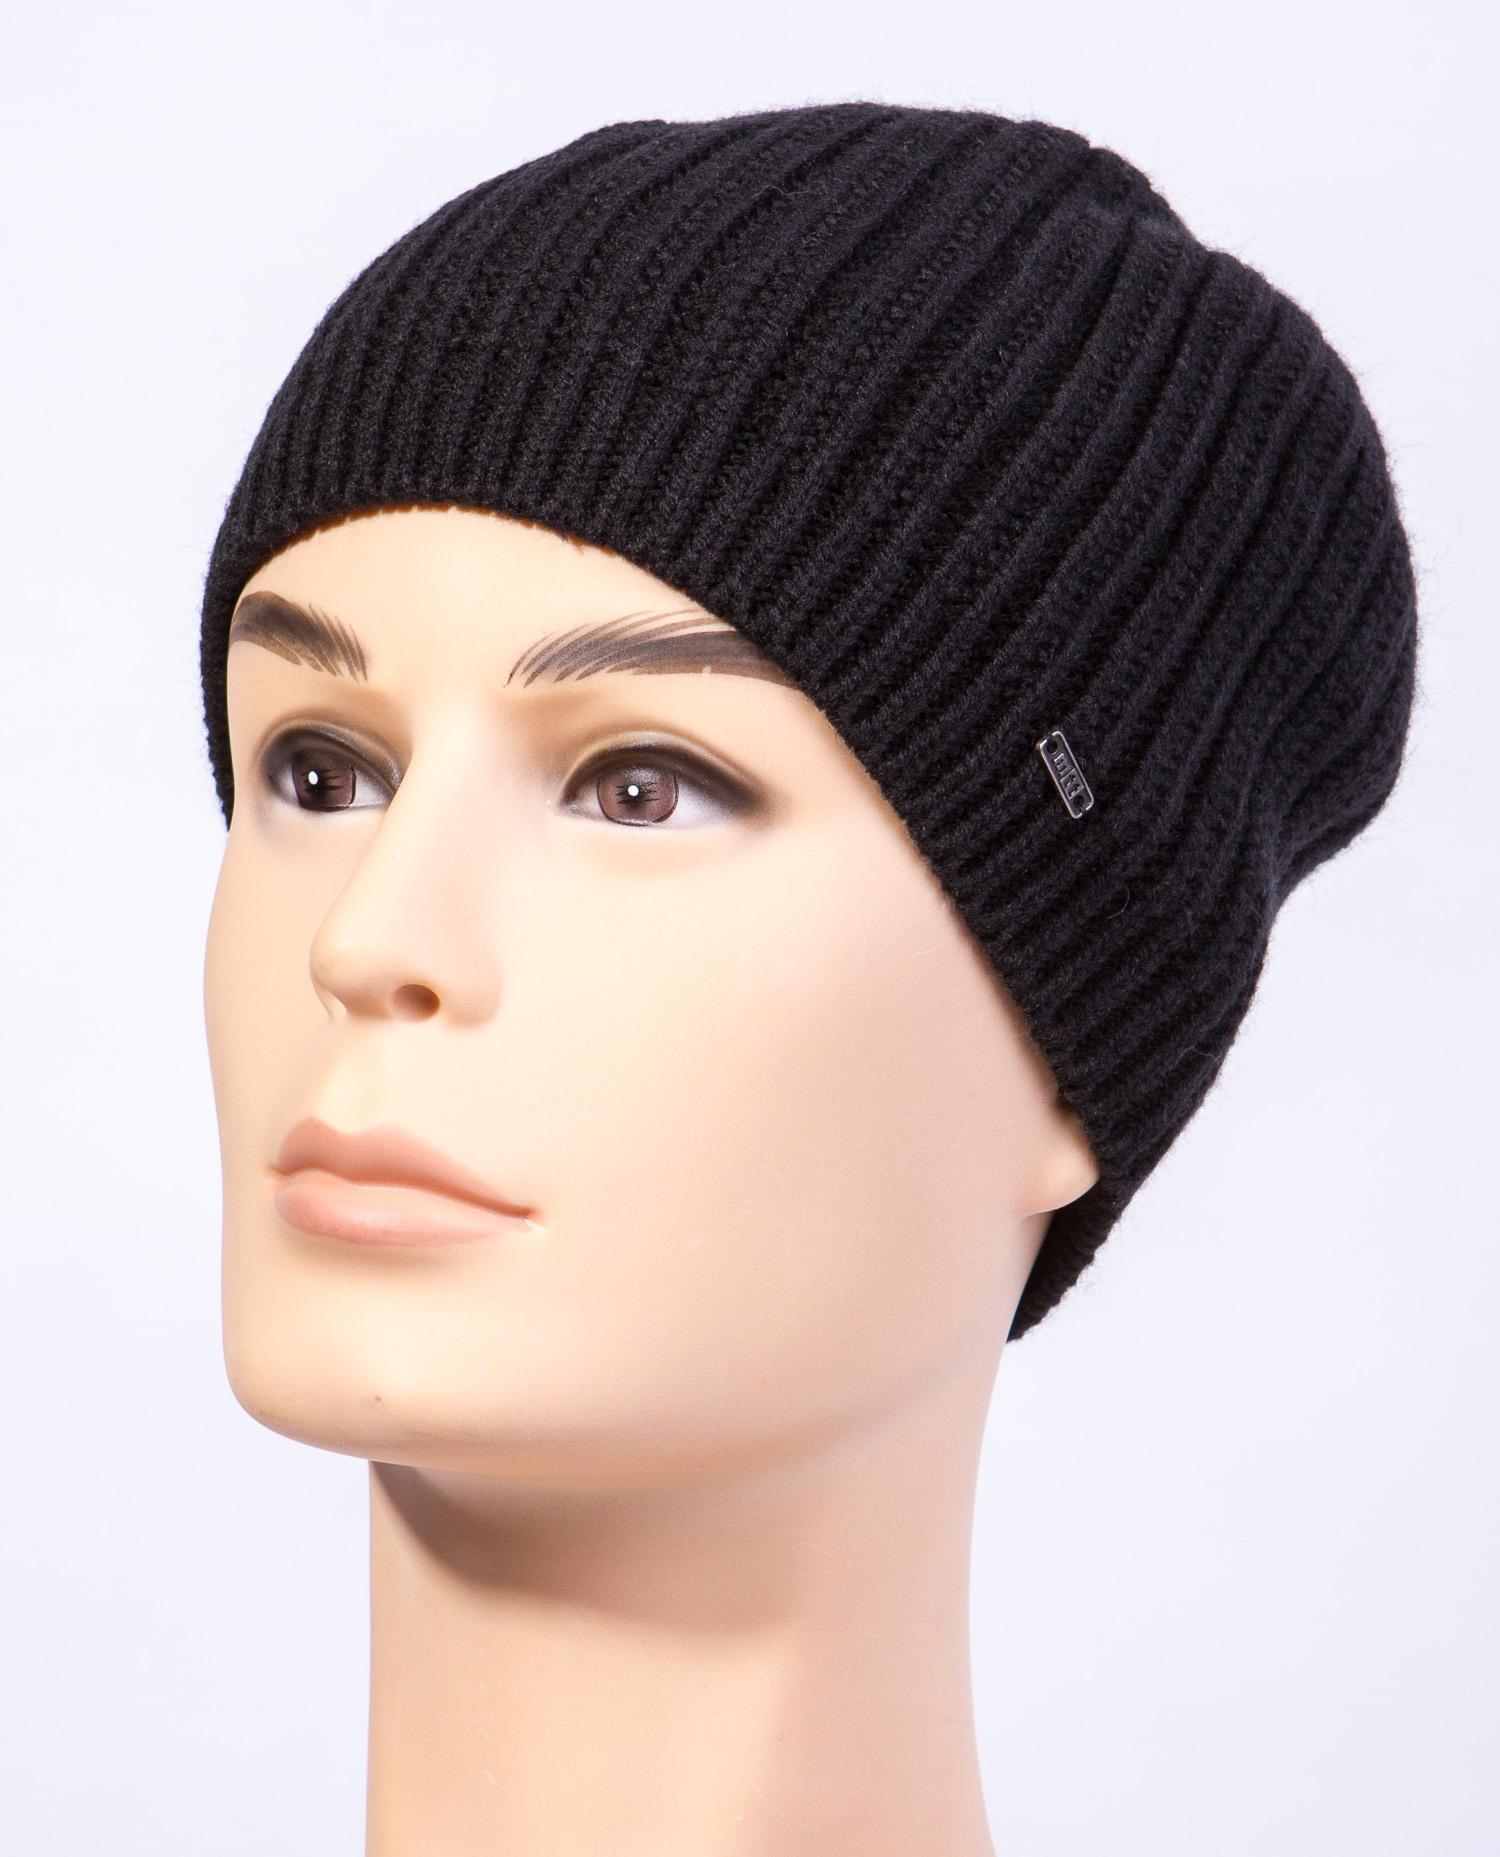 Купить Шапку мужская из текстиля от МОСМЕХА черного цвета